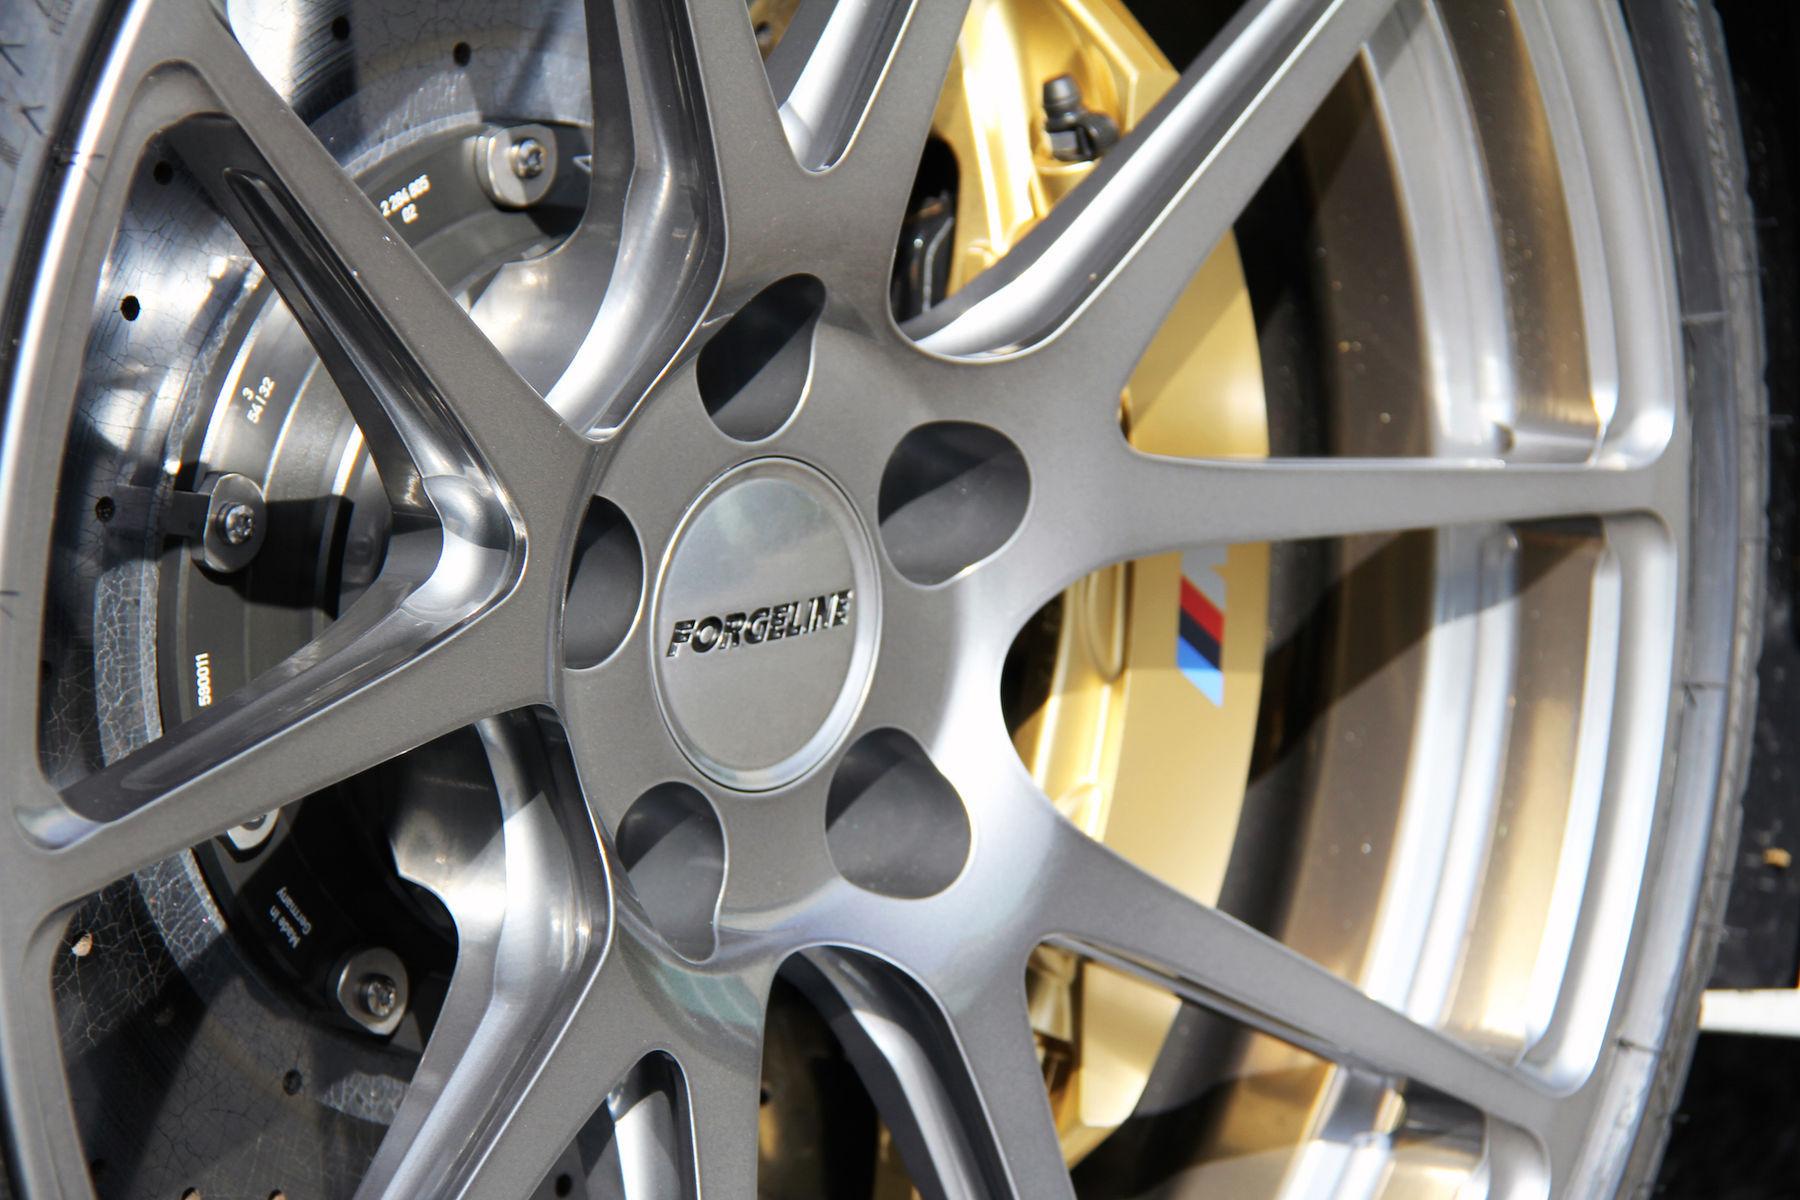 2015 BMW M4 | BMW M4 2015 Car Of Your Dreams on Forgeline GA1R Wheels